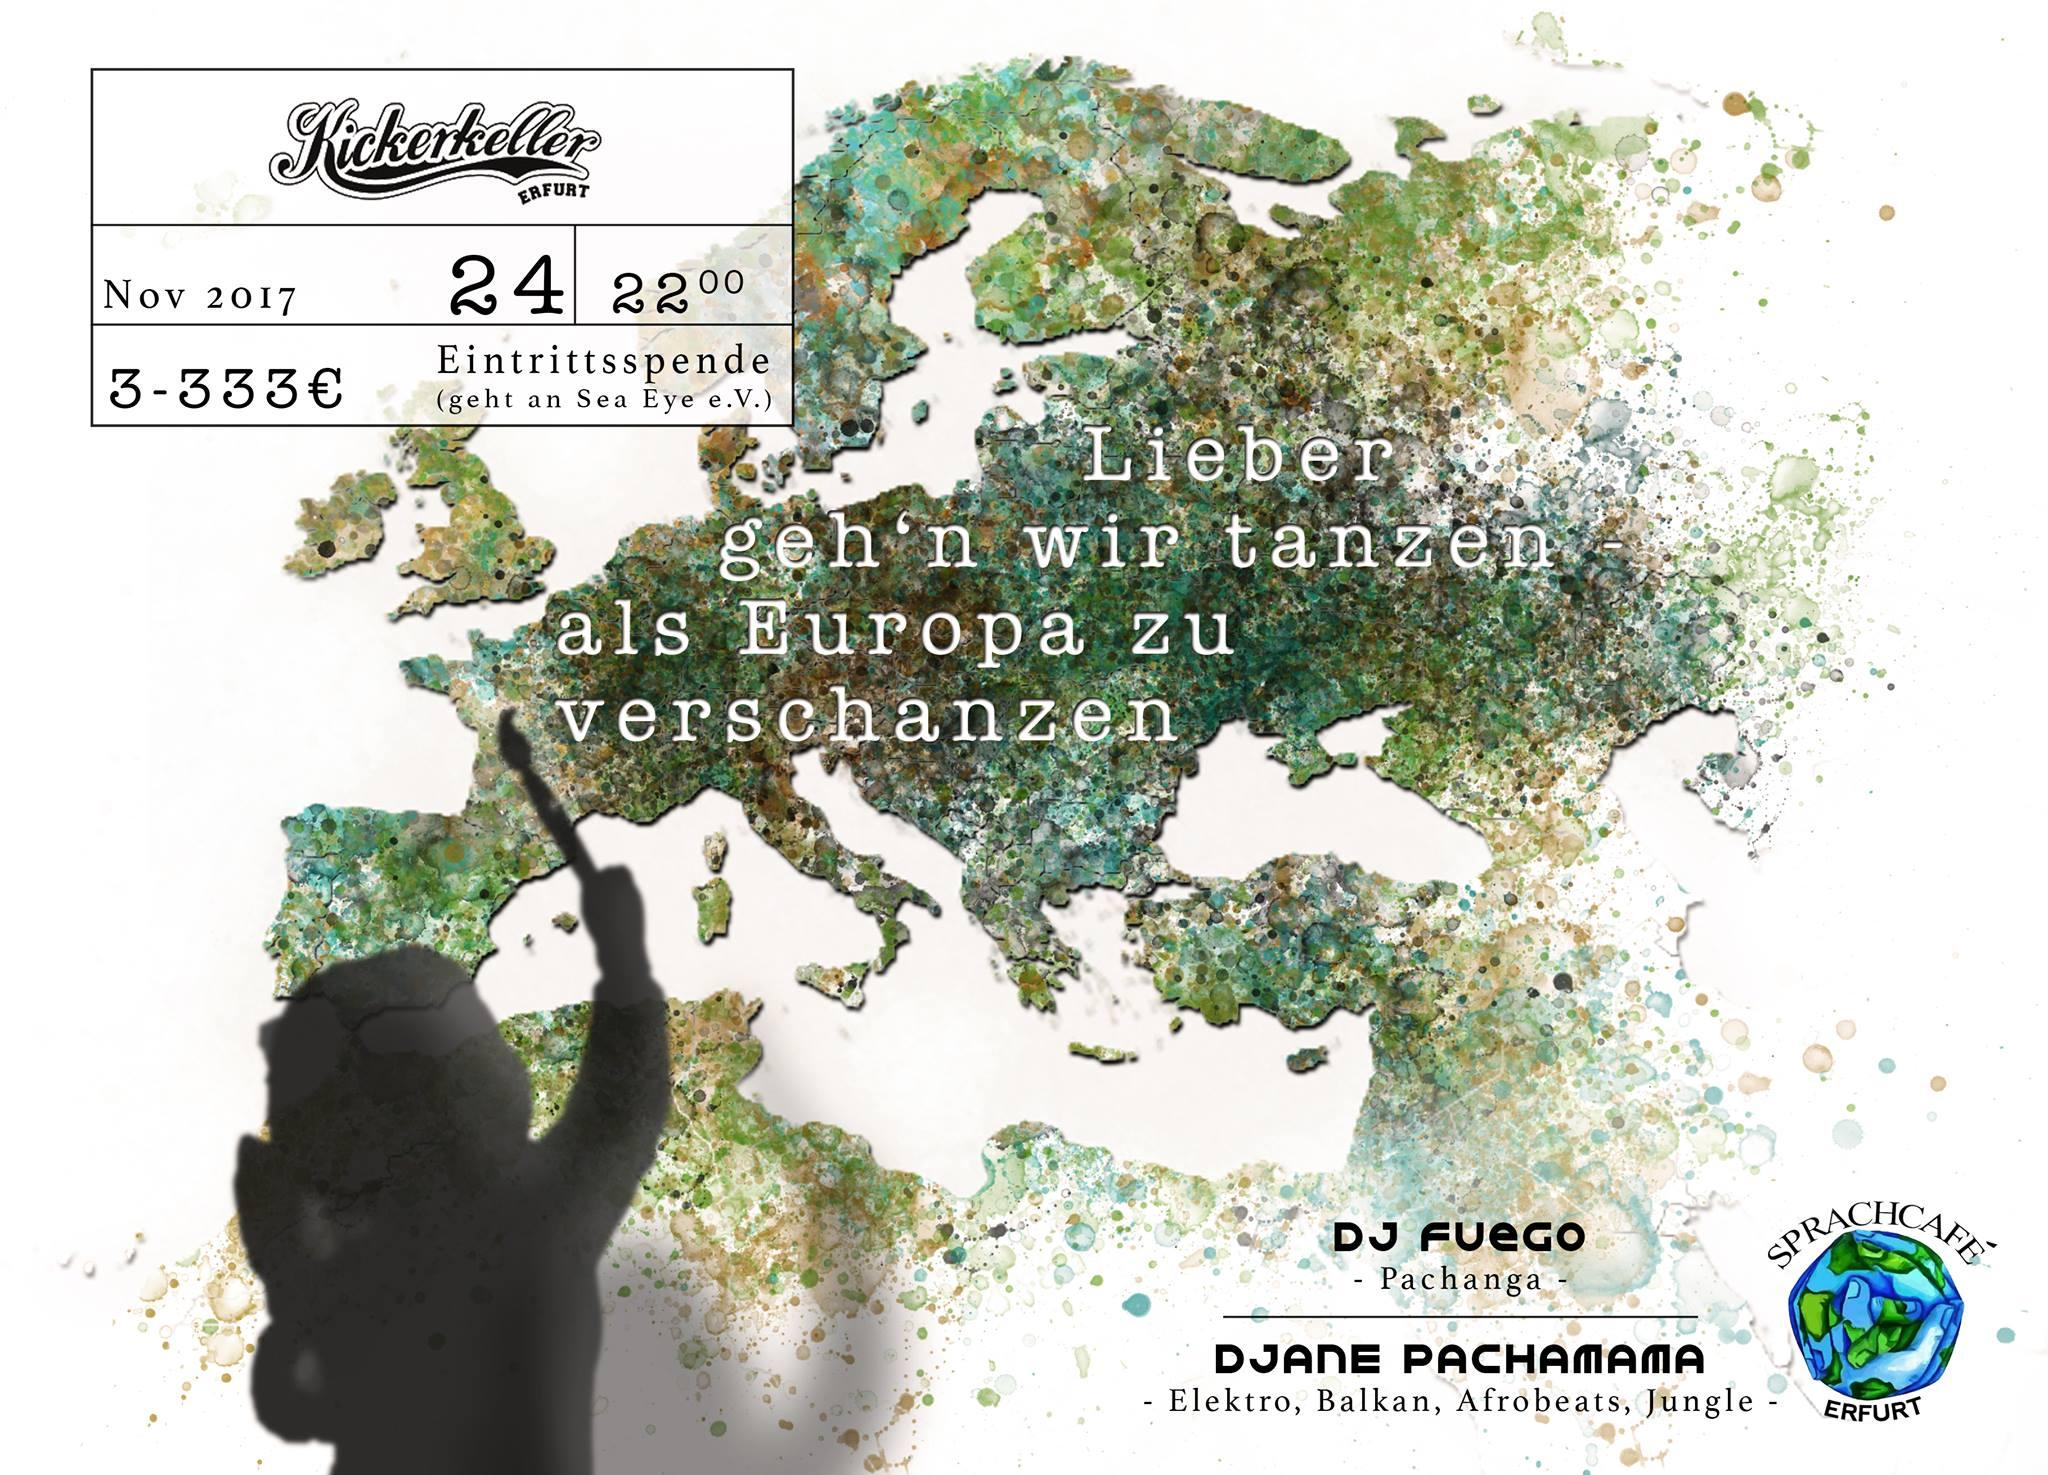 sp-party_24-11-17